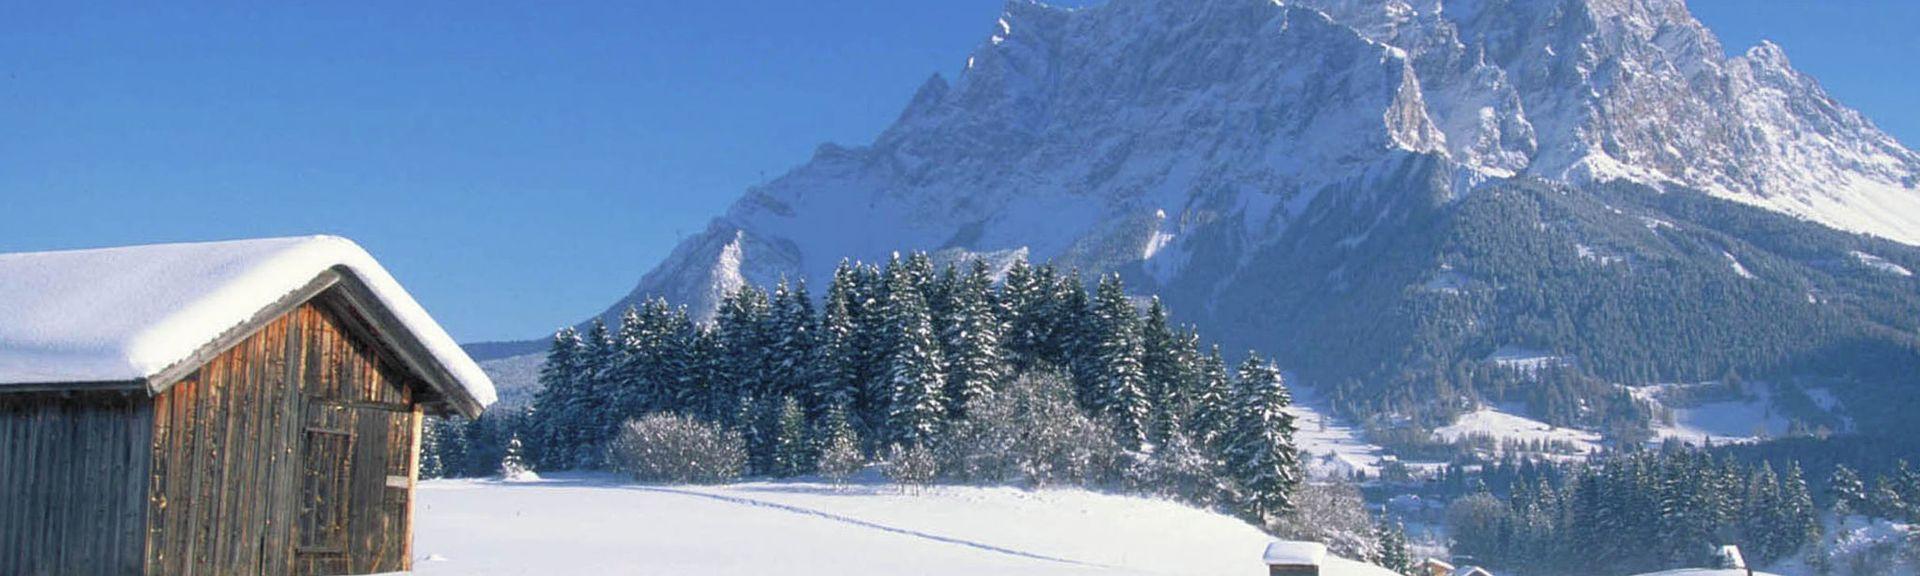 Seefeld In Tirol Station, Seefeld in Tirol, Tyrol, Austria